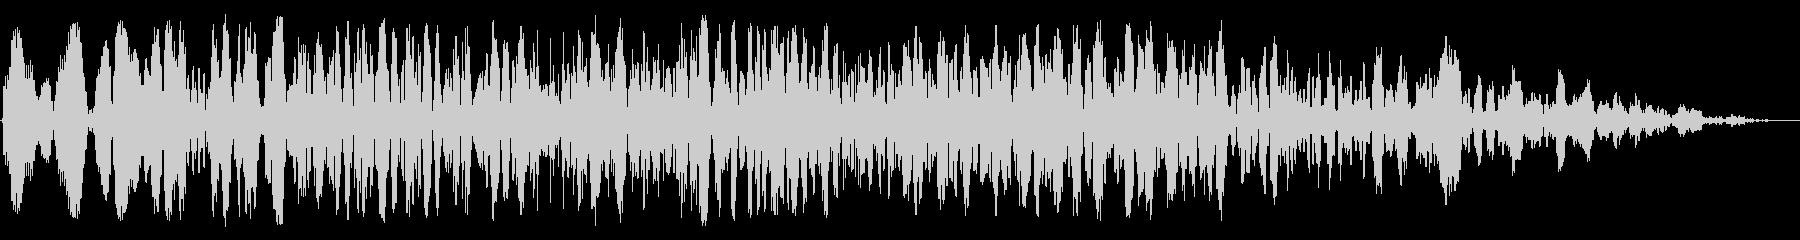 ゴゴゴッ(爆弾系の音)の未再生の波形